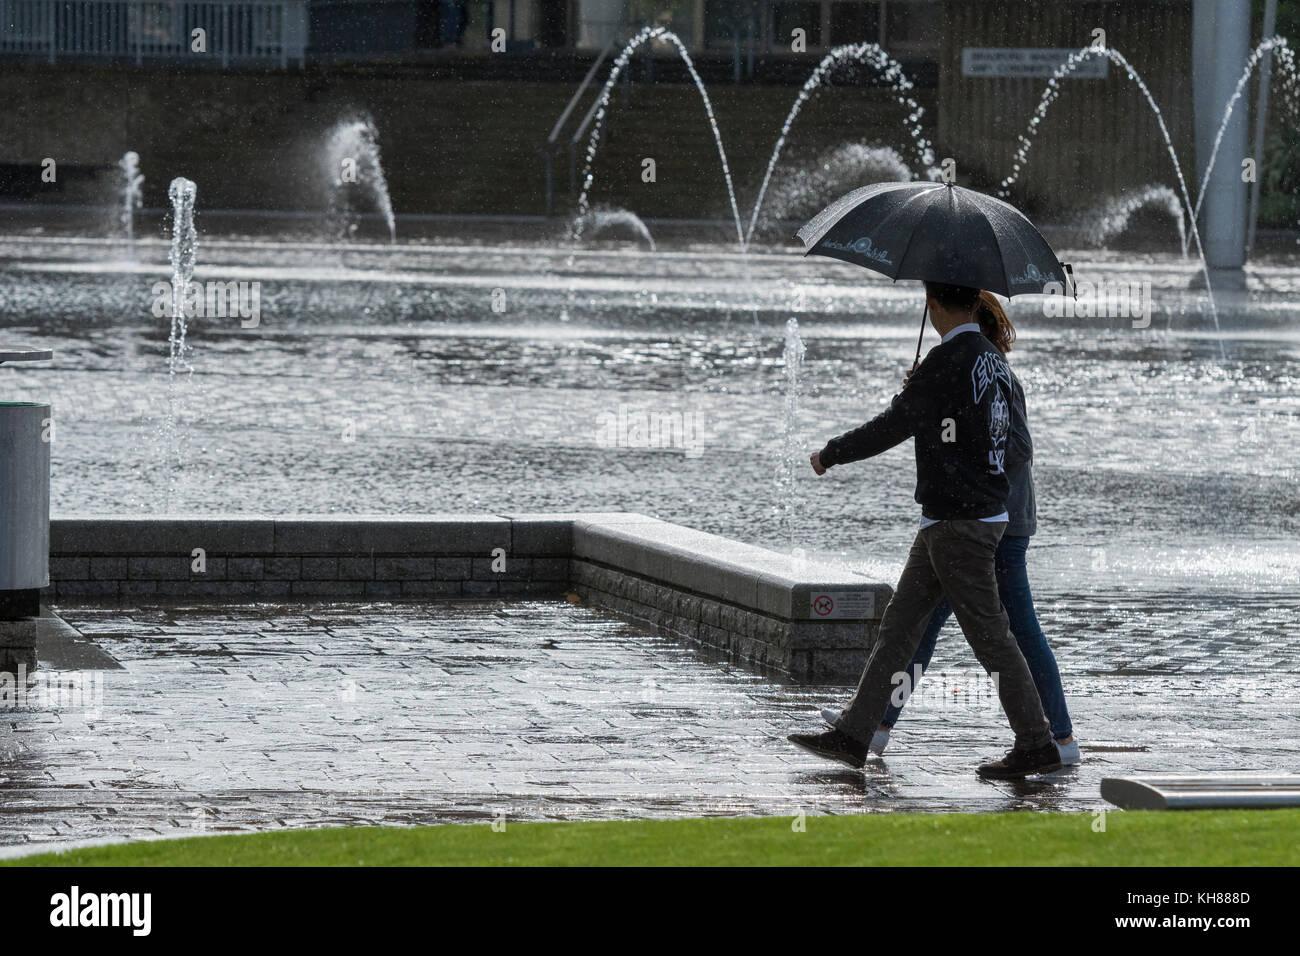 Giovane a piedi sotto la pioggia, rifugiandosi sotto ombrellone, passando la piscina a specchio e fontane - centro Foto Stock